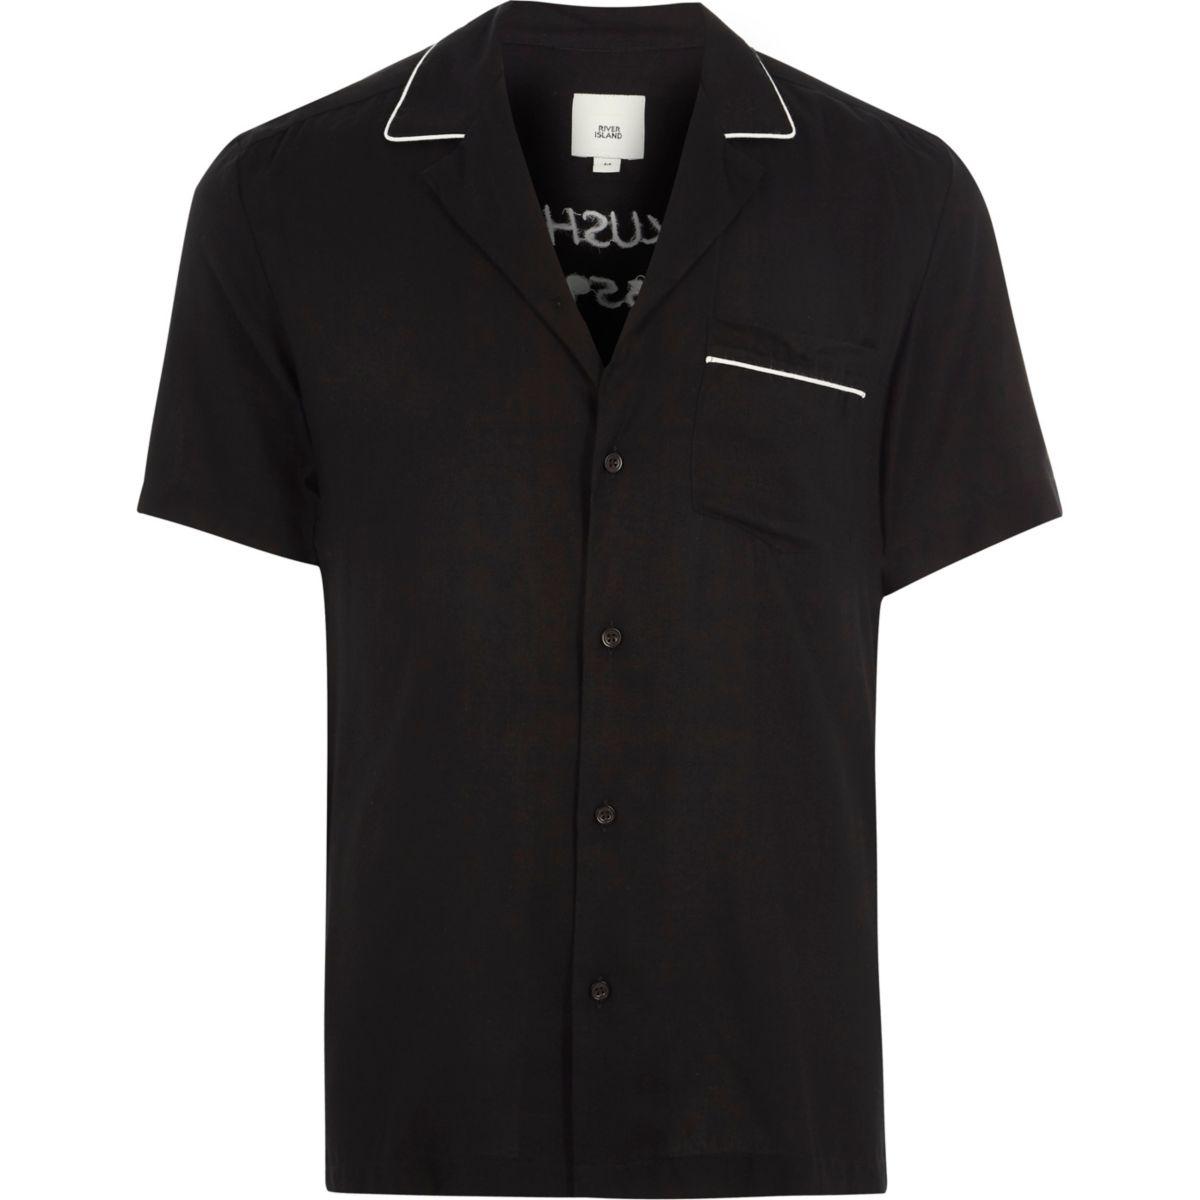 Chemise imprimé grues noire à manches courtes et col à revers